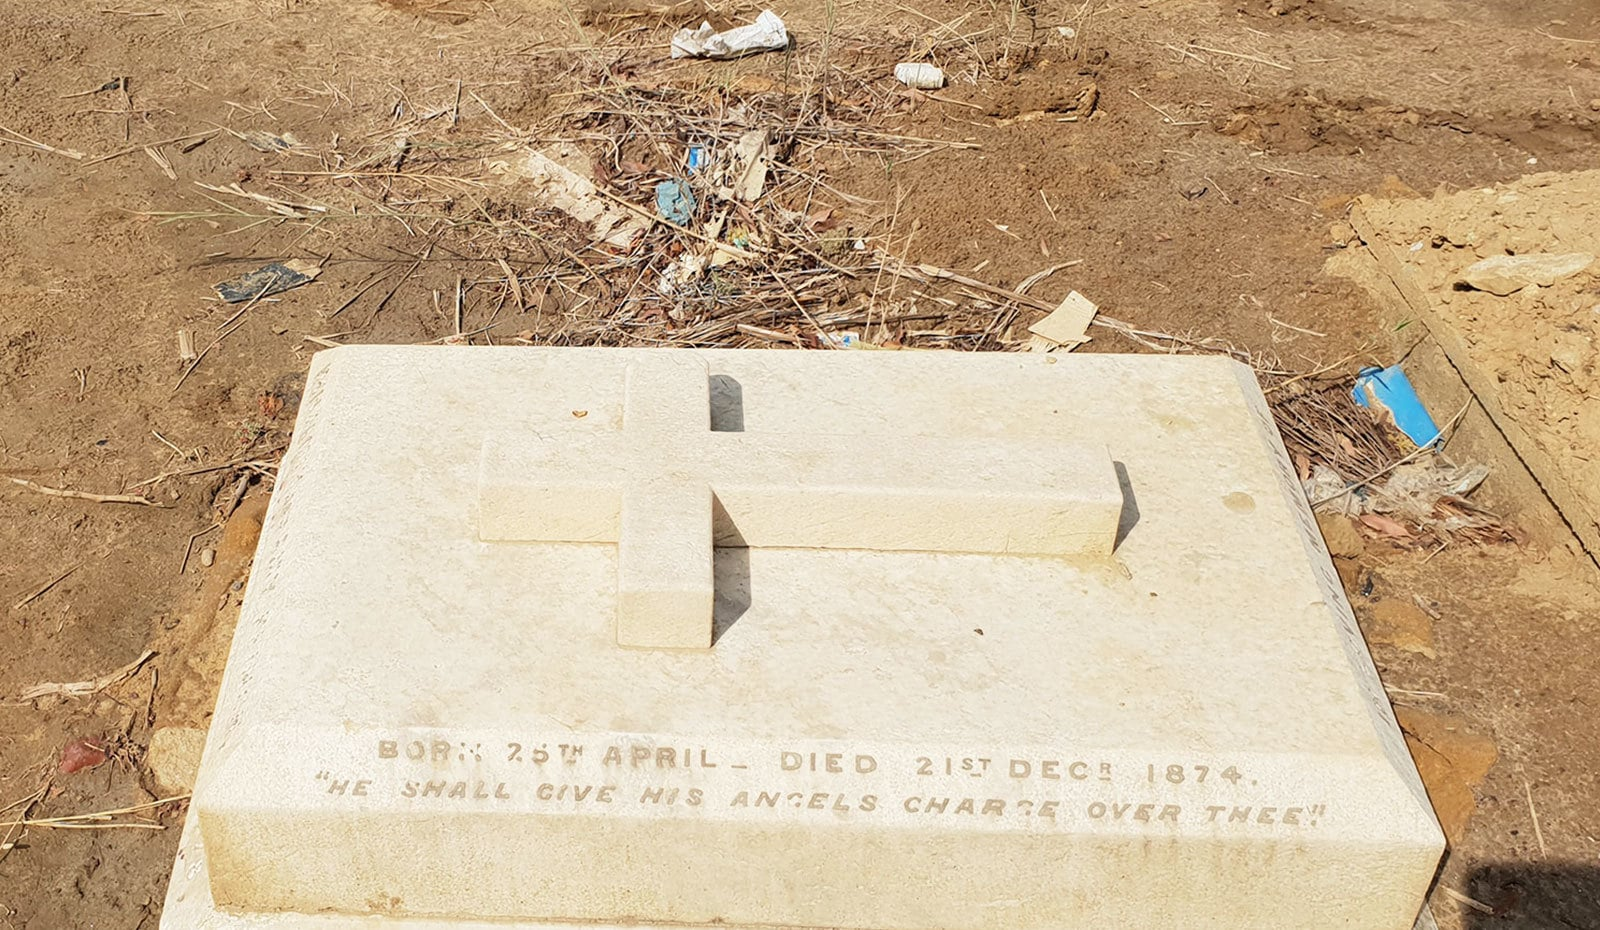 وہ قبریں جن پر تاریخیں درج ہیں—تصاویر: وقار محمد خان